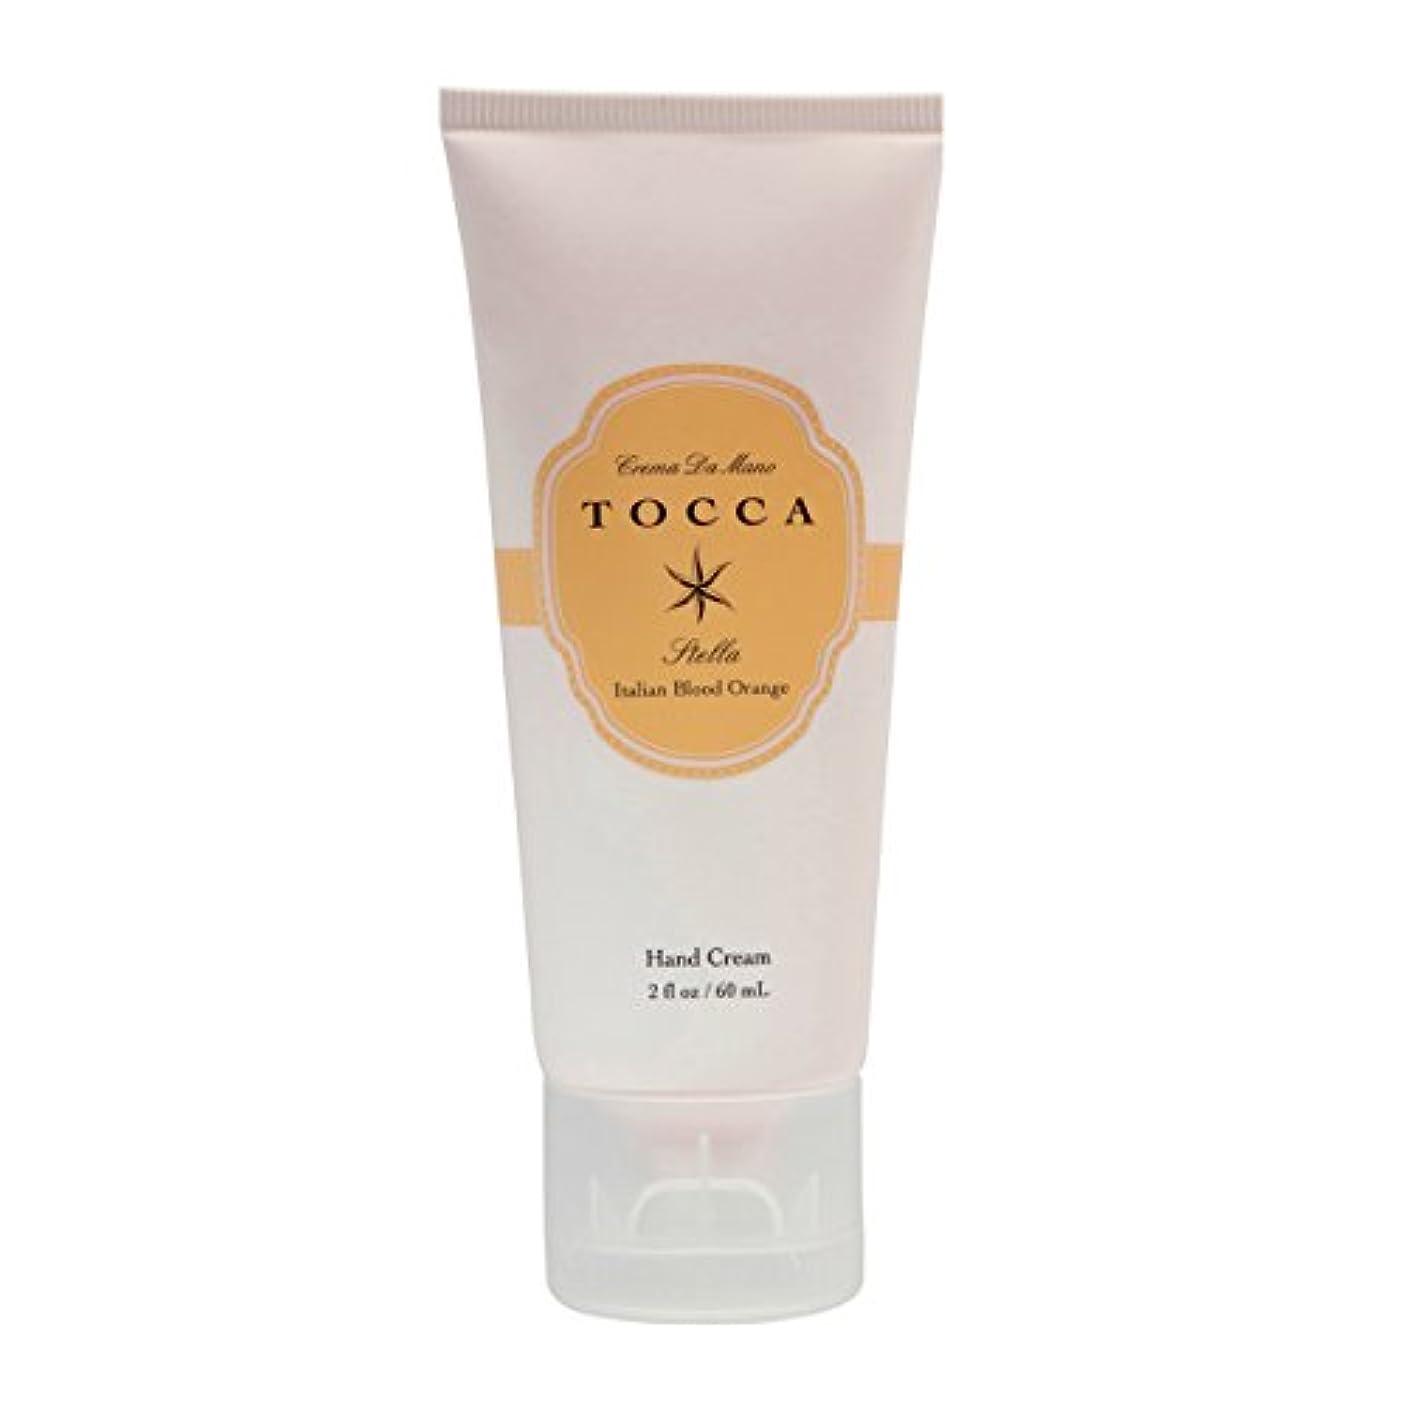 ホストオフェンス迷惑トッカ(TOCCA) ハンドクリーム  ステラの香り 60ml(手指用保湿 イタリアンブラッドオレンジが奏でるフレッシュでビターな爽やかさ漂う香り)